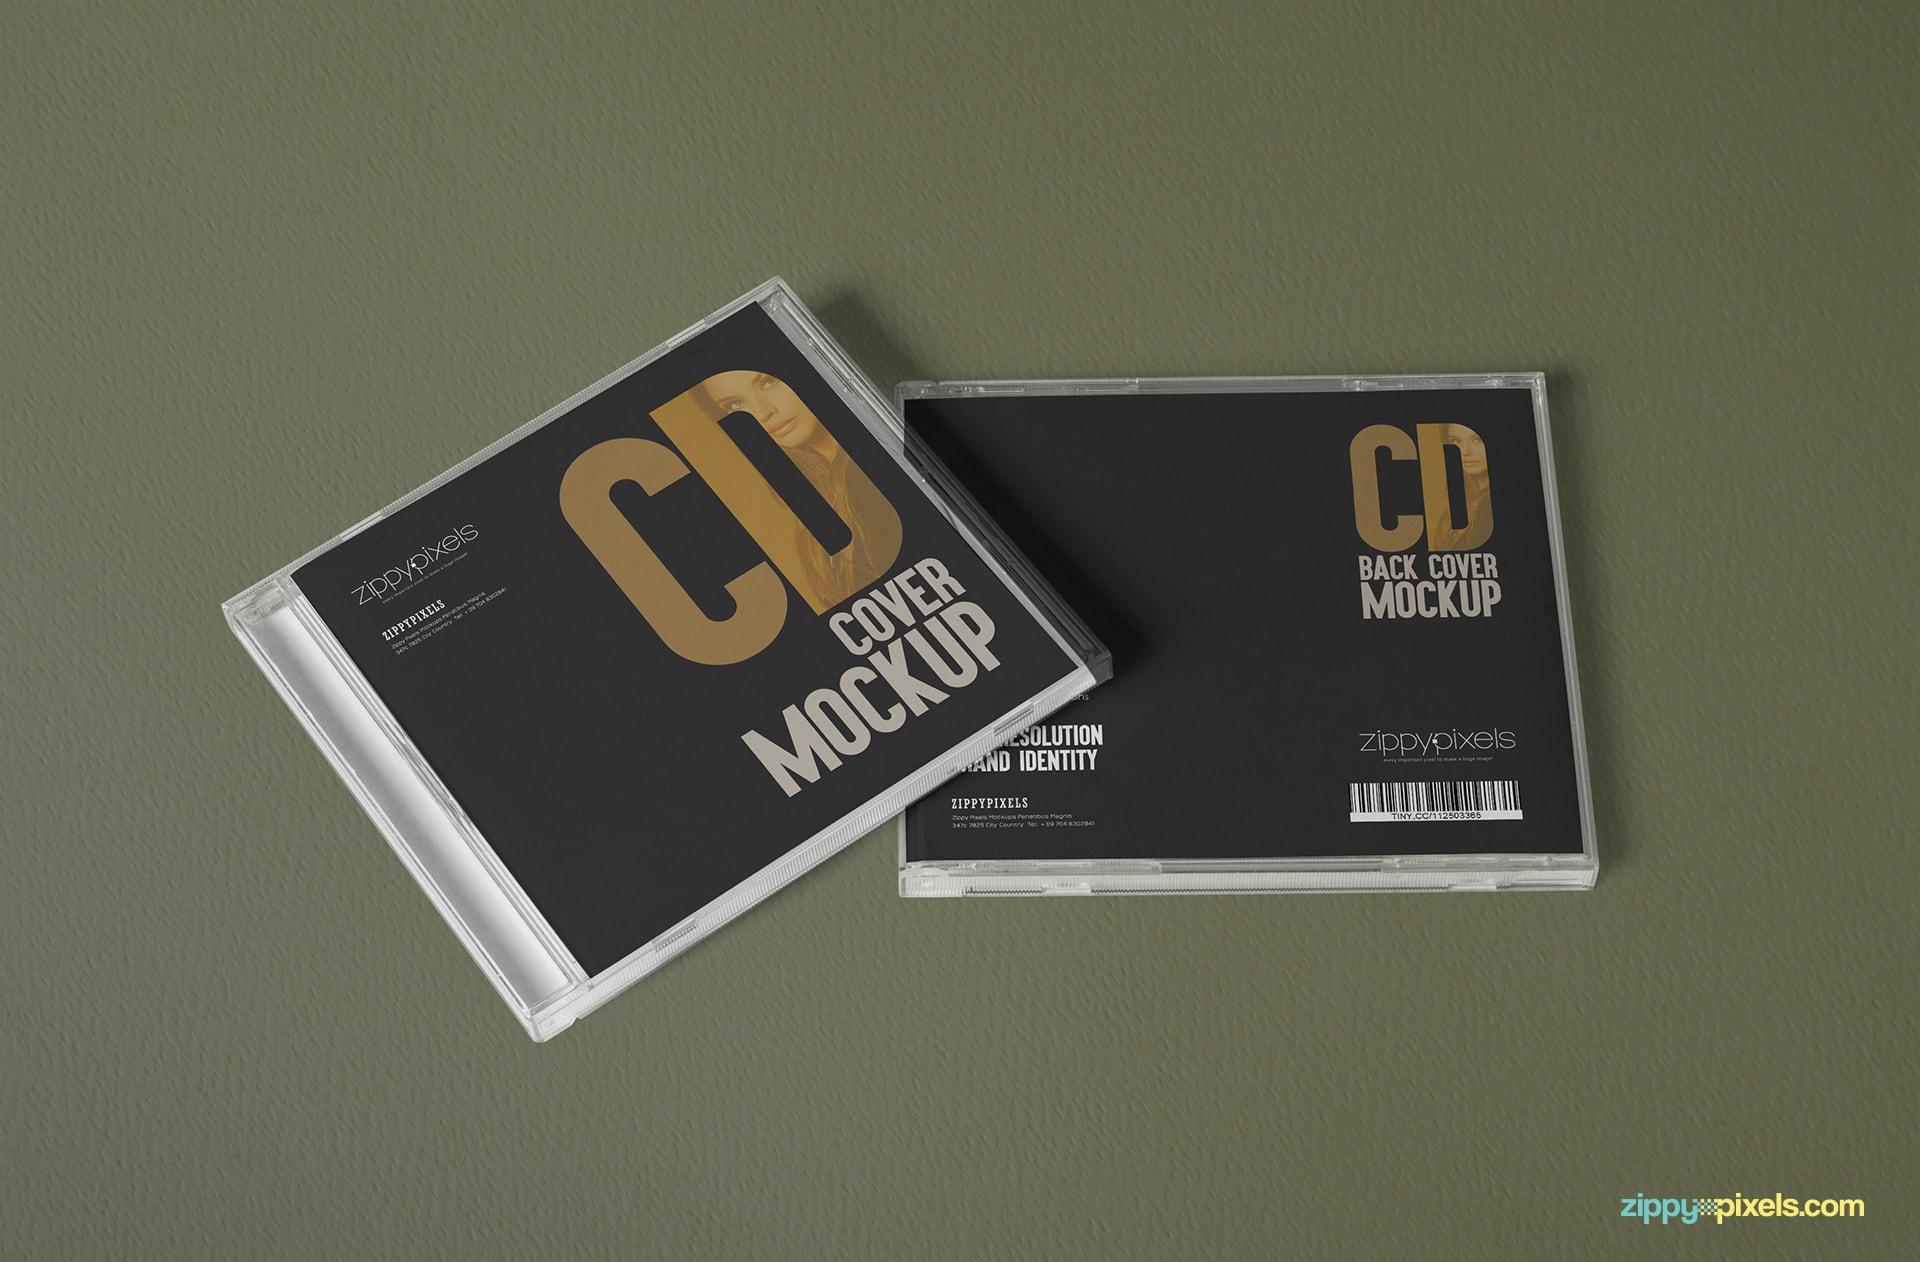 plastic-cd-jewel-case-mockup-front-back